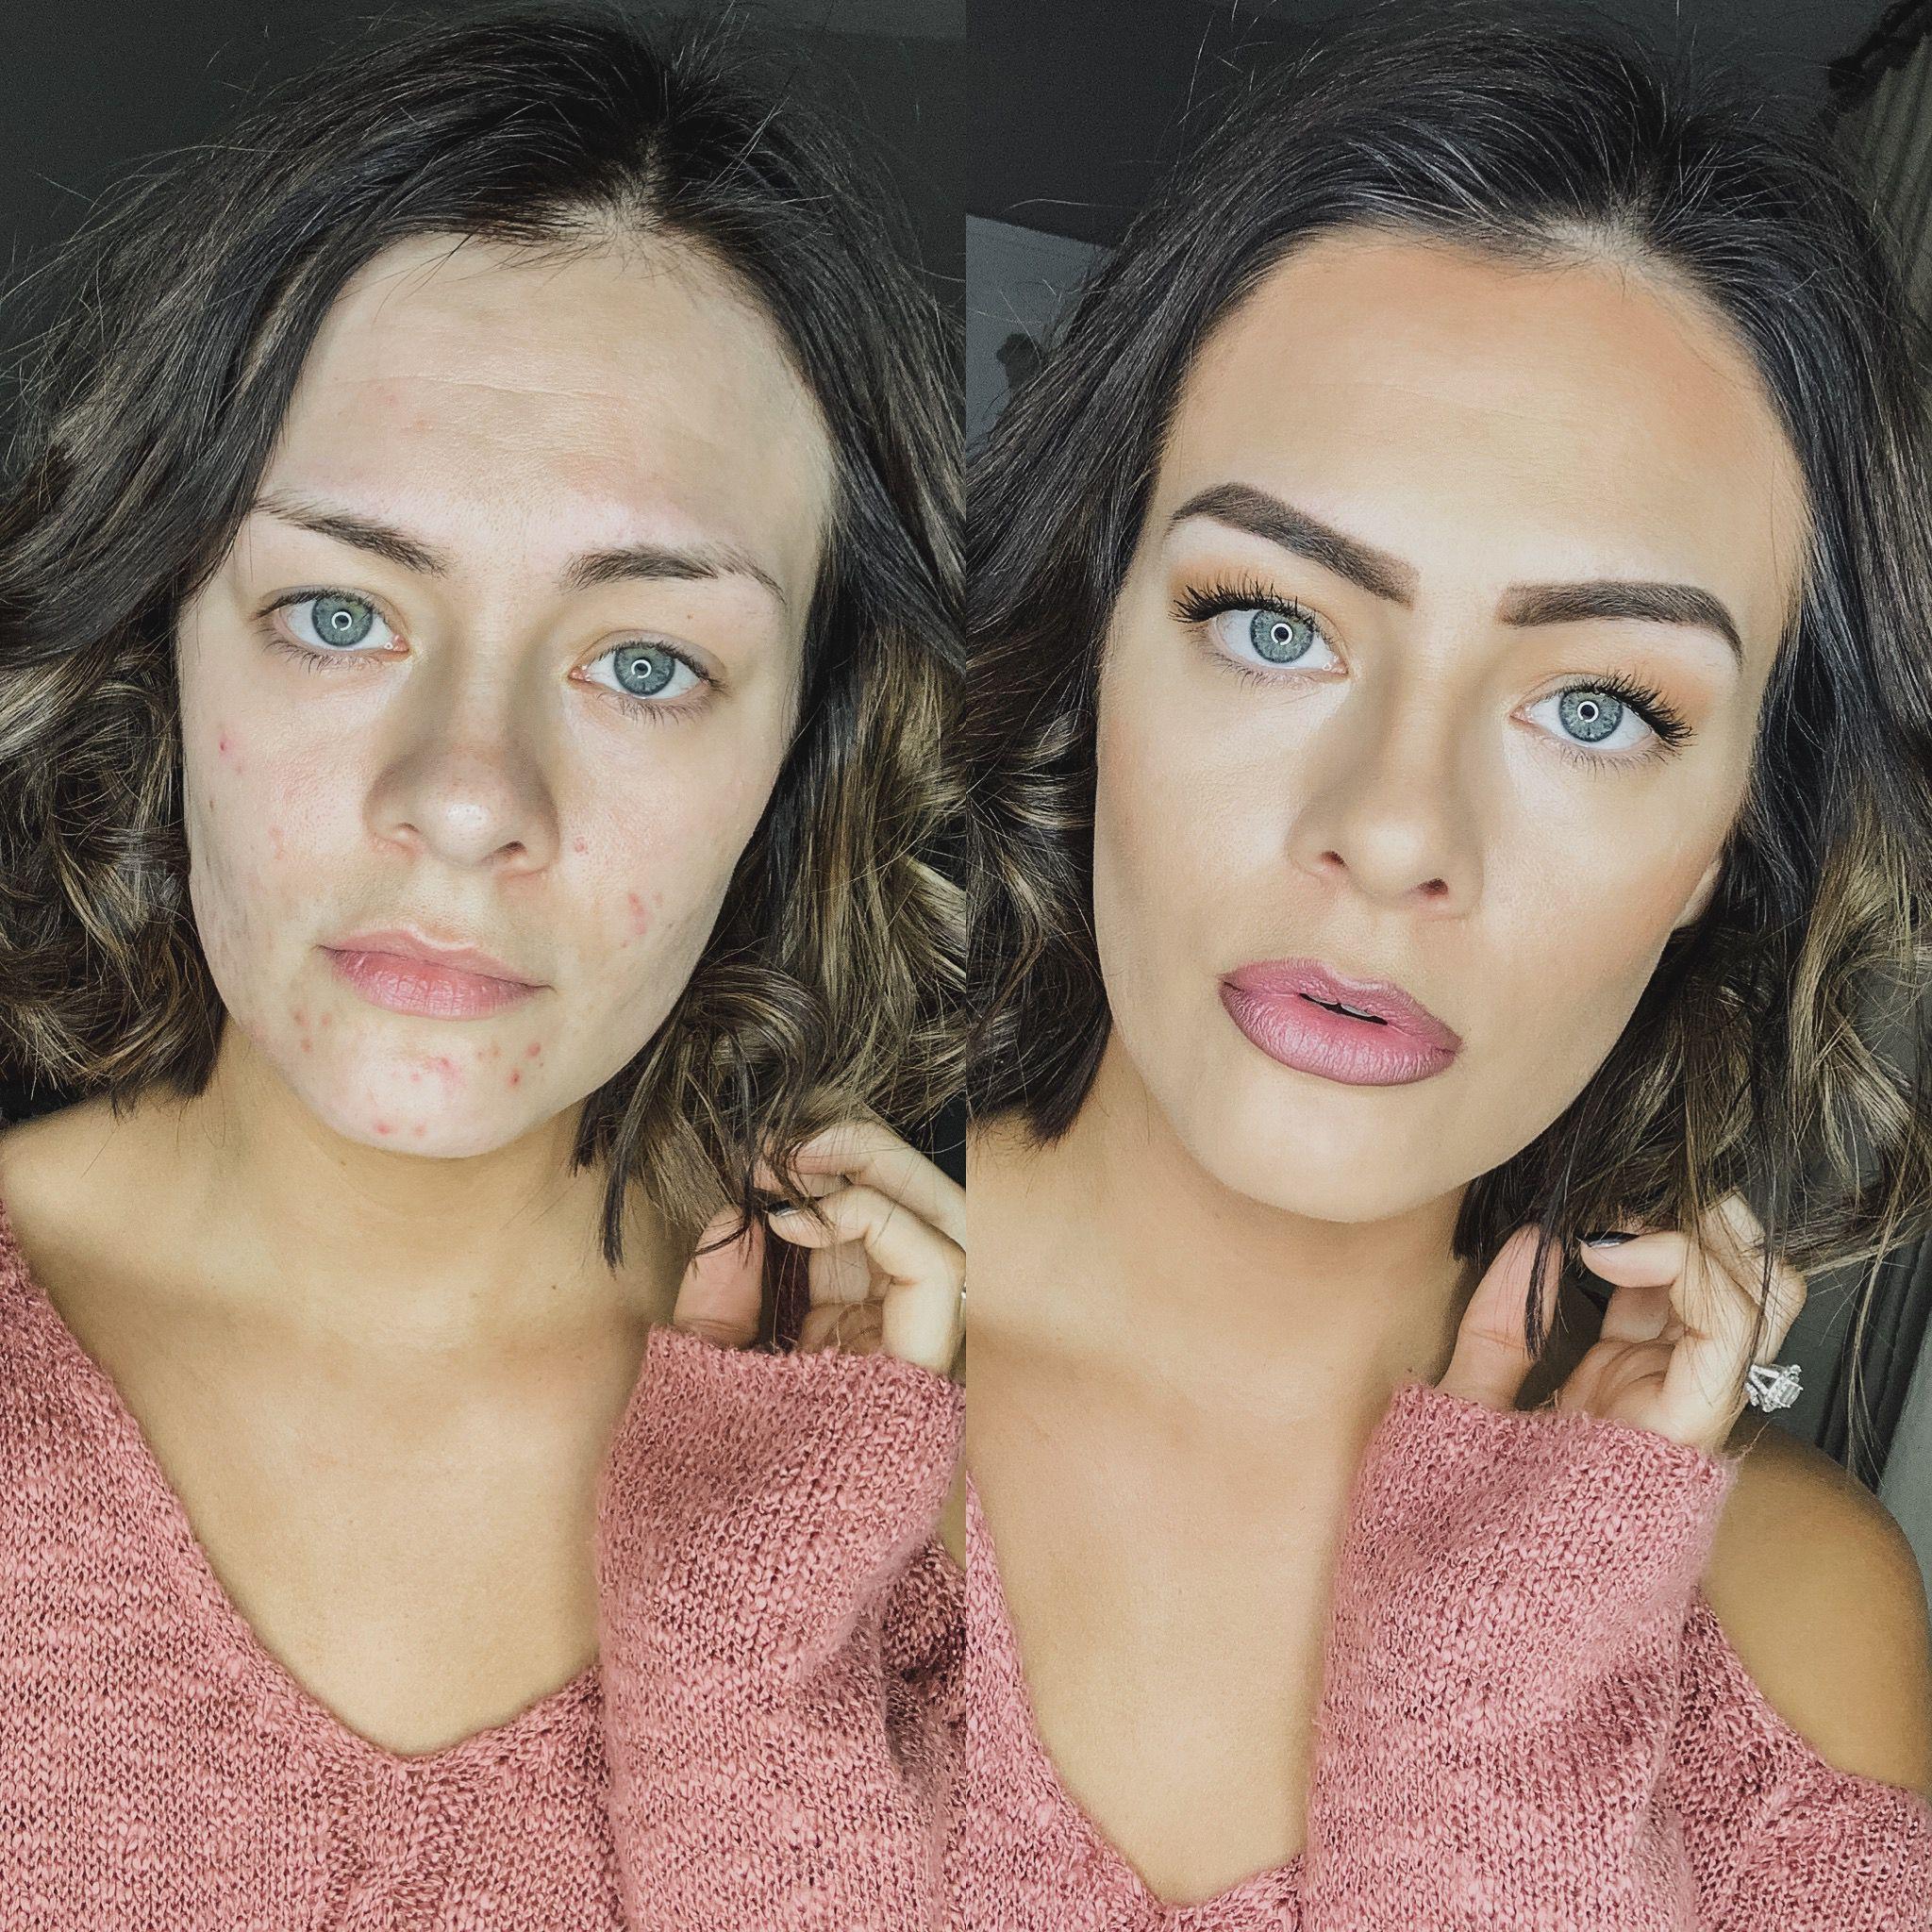 Younique Makeup lipspouty, 2020 (Görüntüler ile)